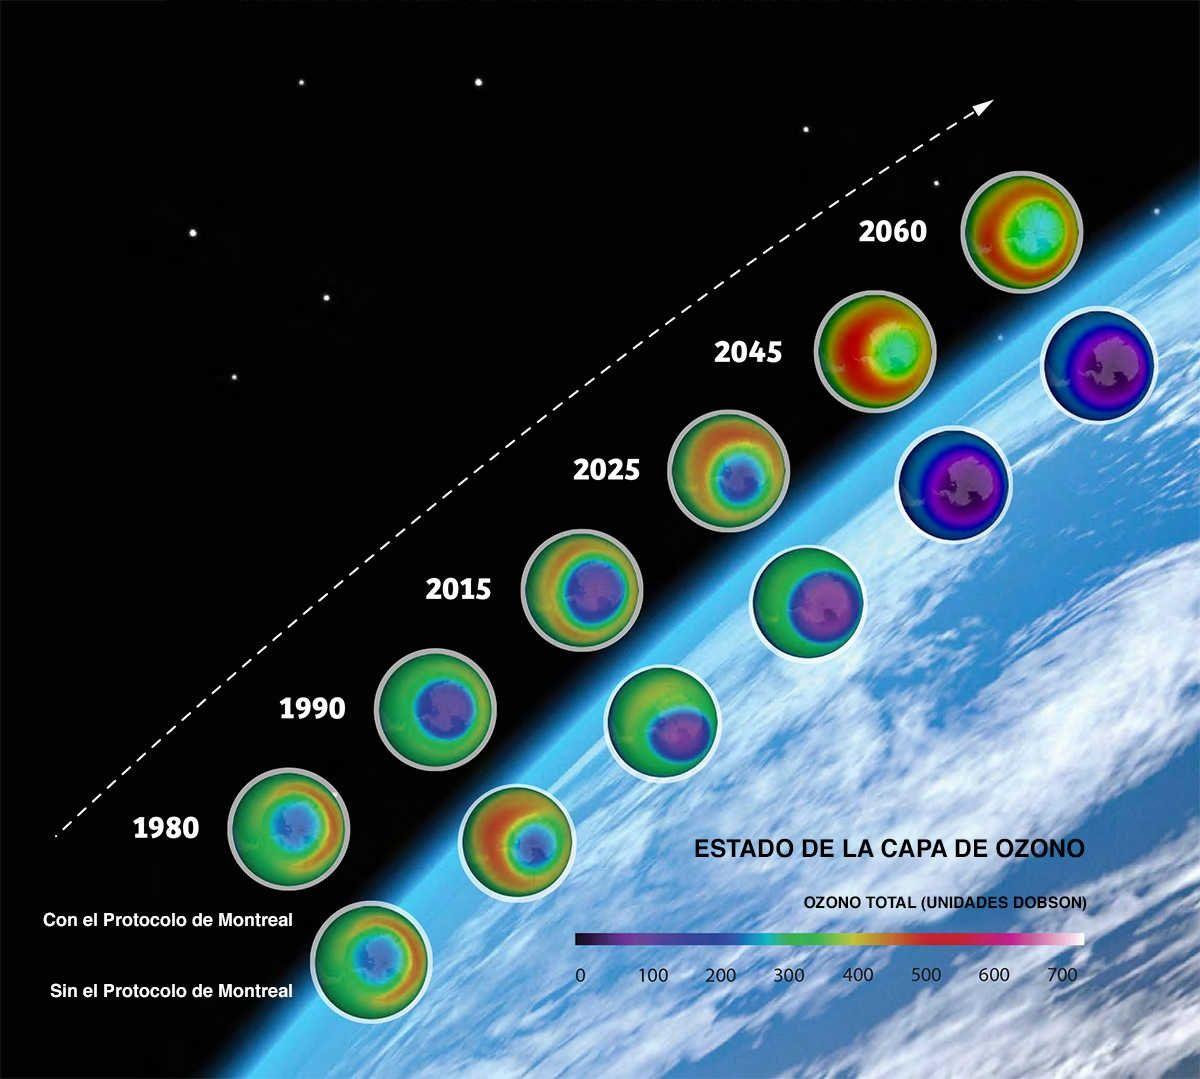 Progreso capa ozono